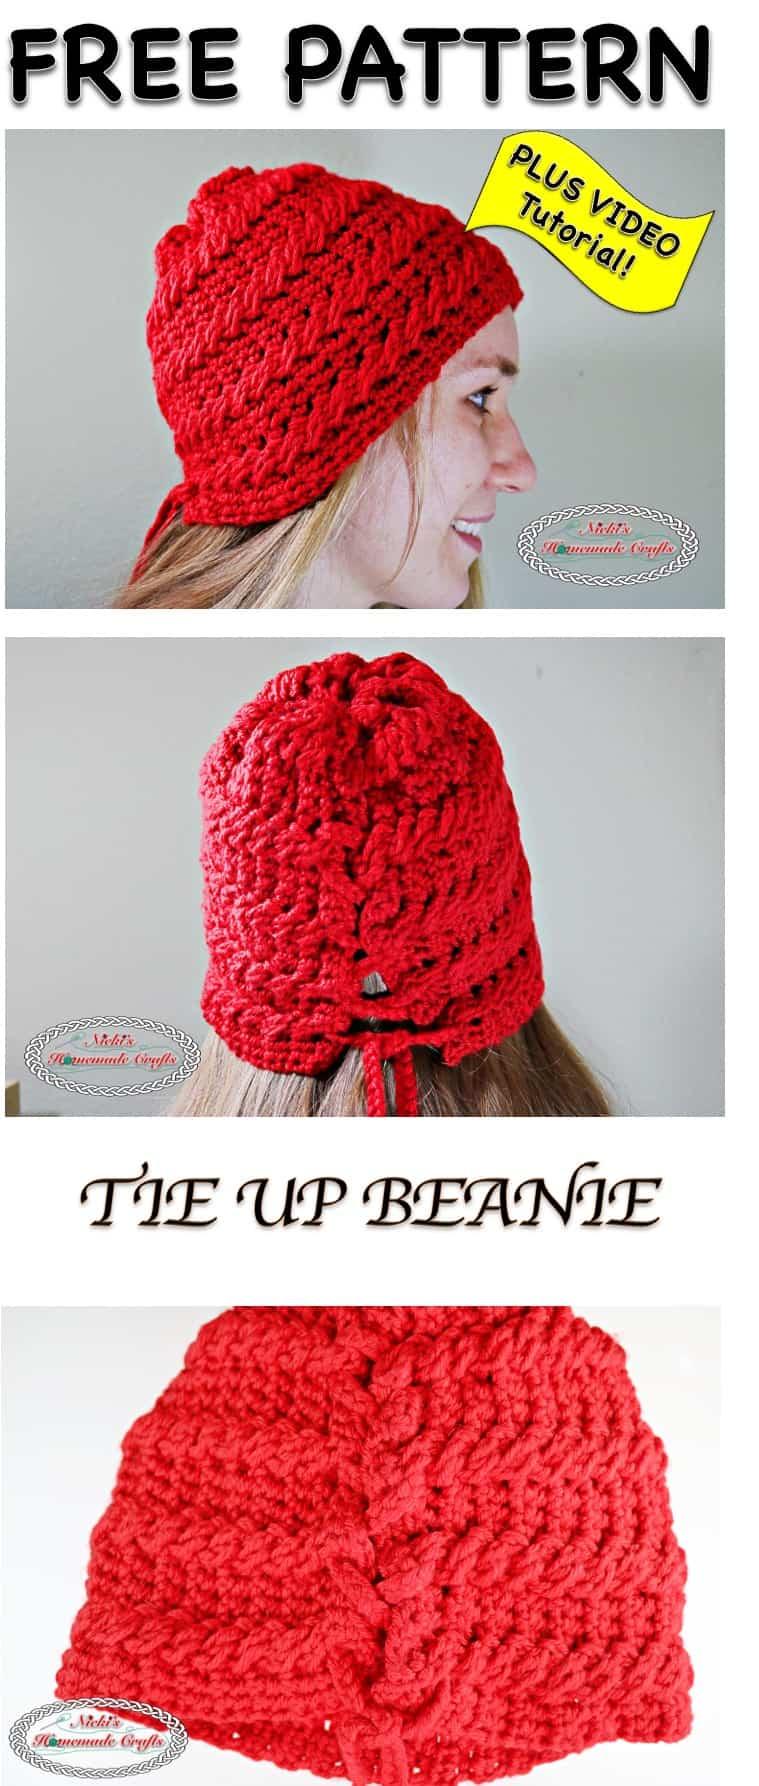 Tie Up Beanie - Free Crochet Pattern